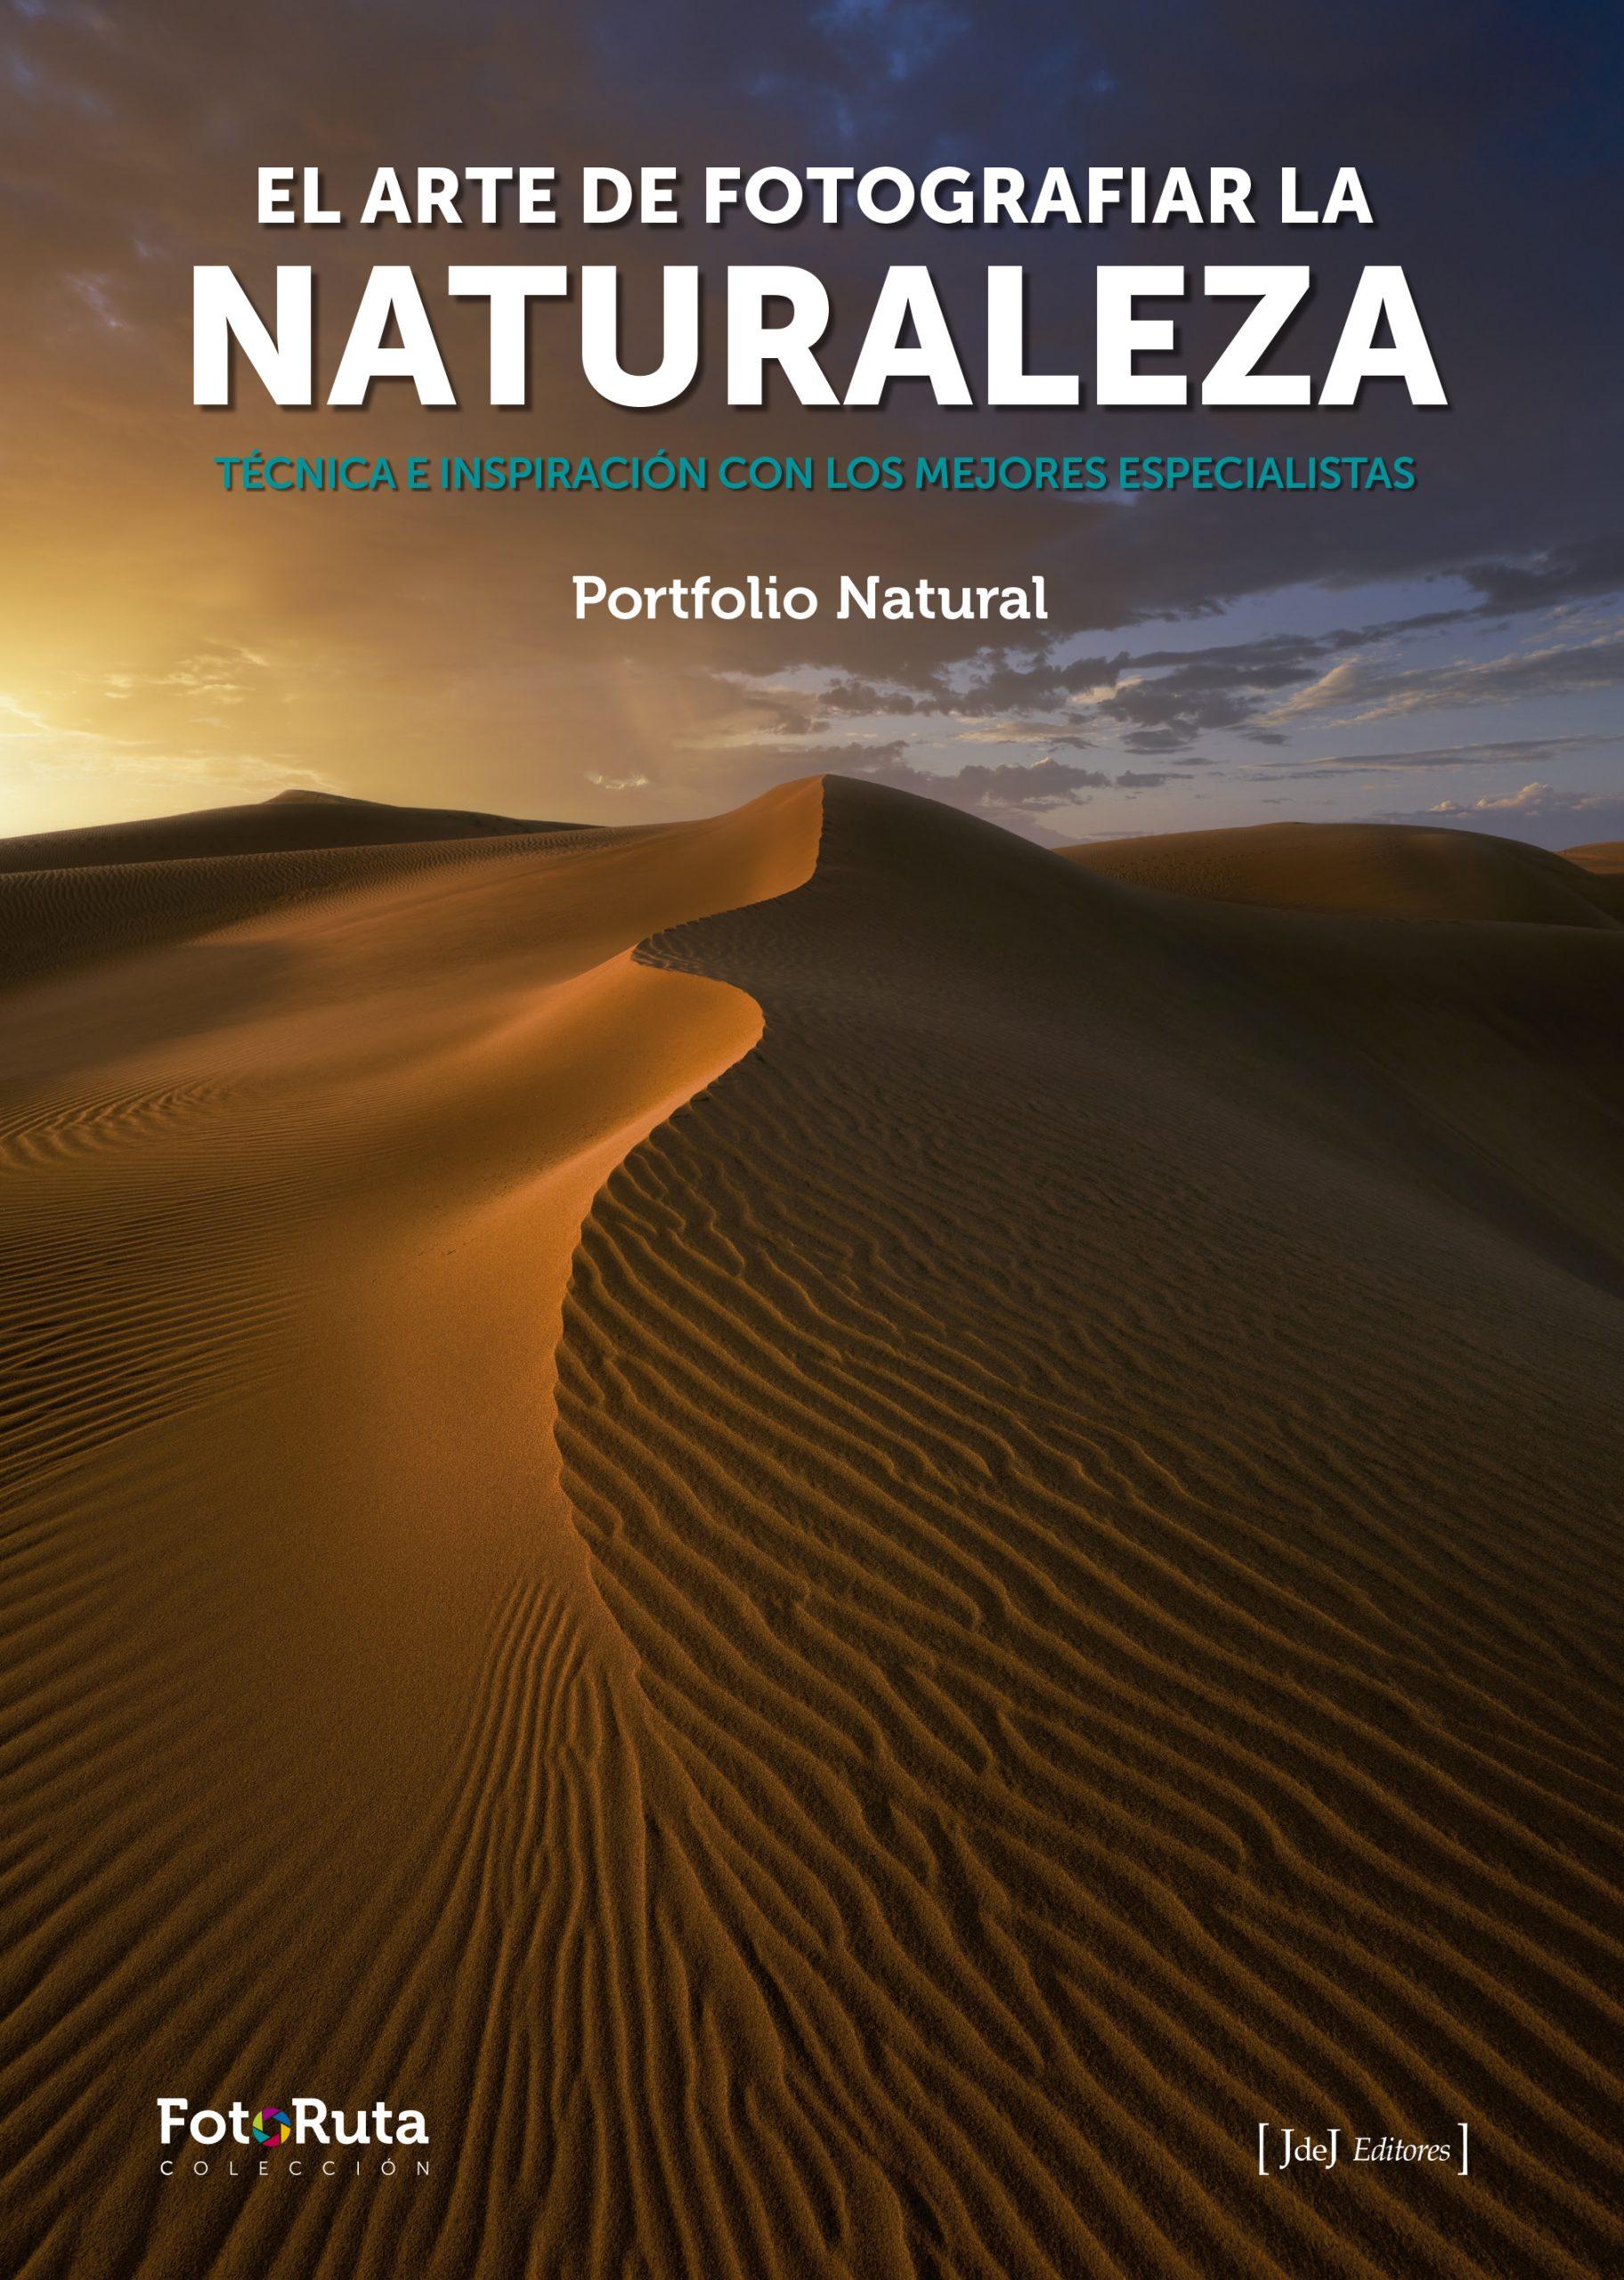 EL ARTE DE FOTOGRAFÍAR LA NATURALEZA